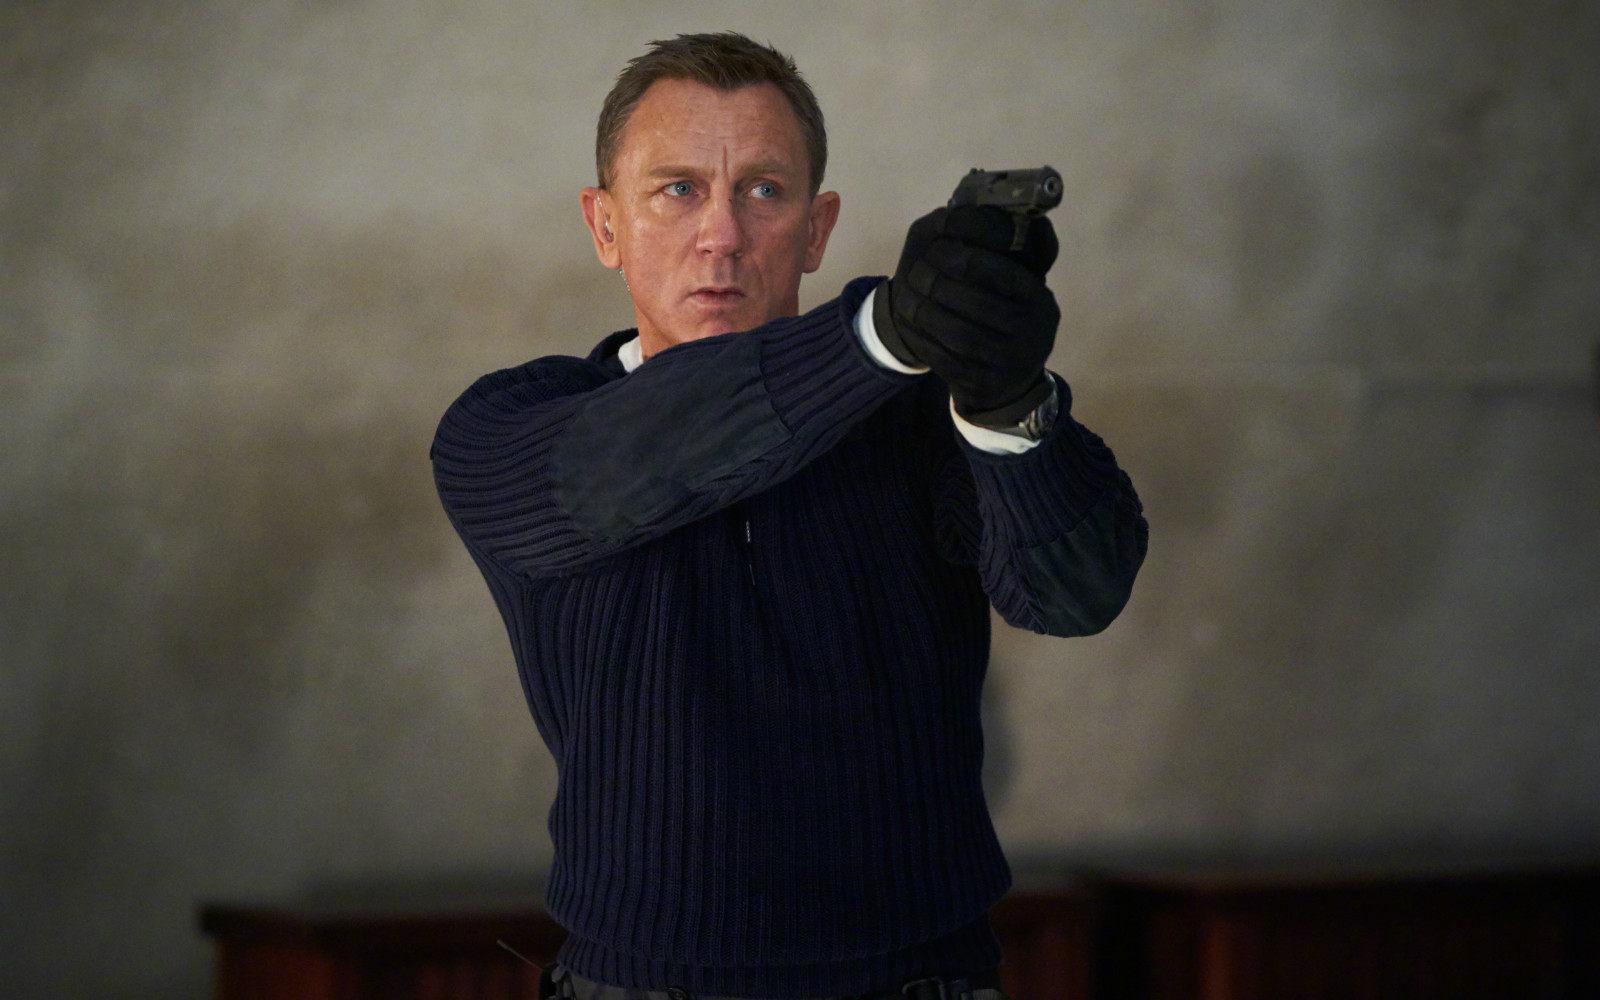 《007:无暇赴死》北美档期将提前至11月20日